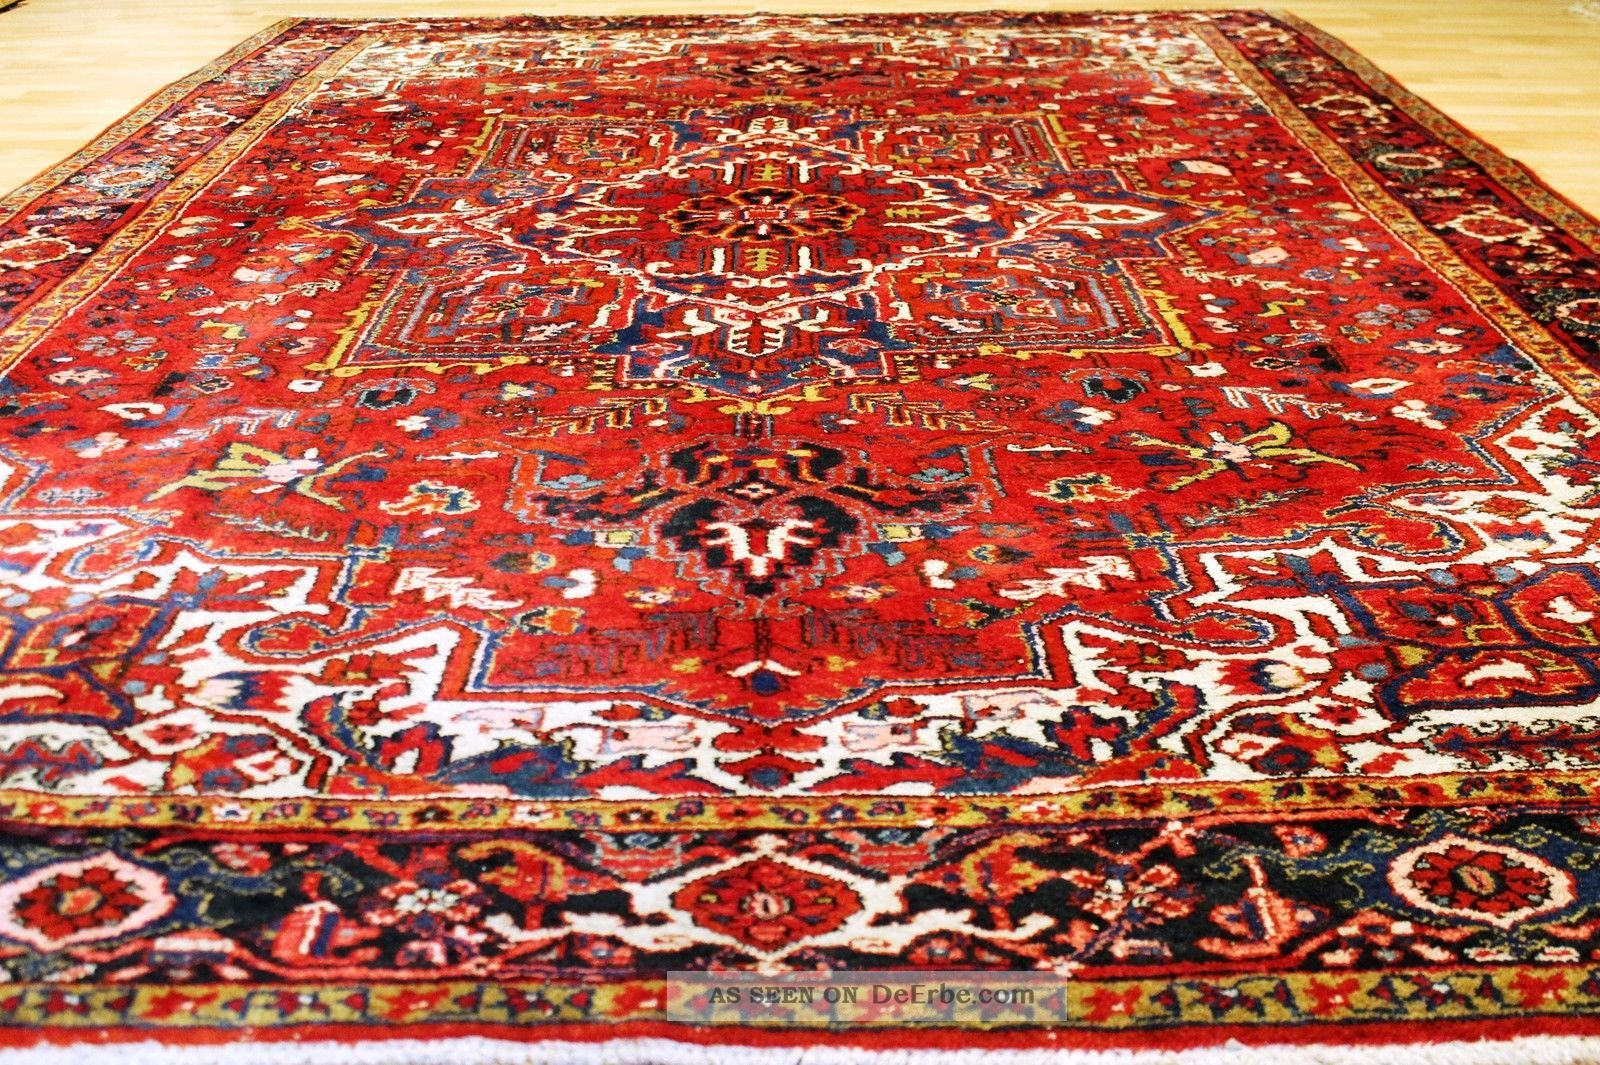 Orientteppich  Teppiche & Flachgewebe - Sonstige - Antiquitäten